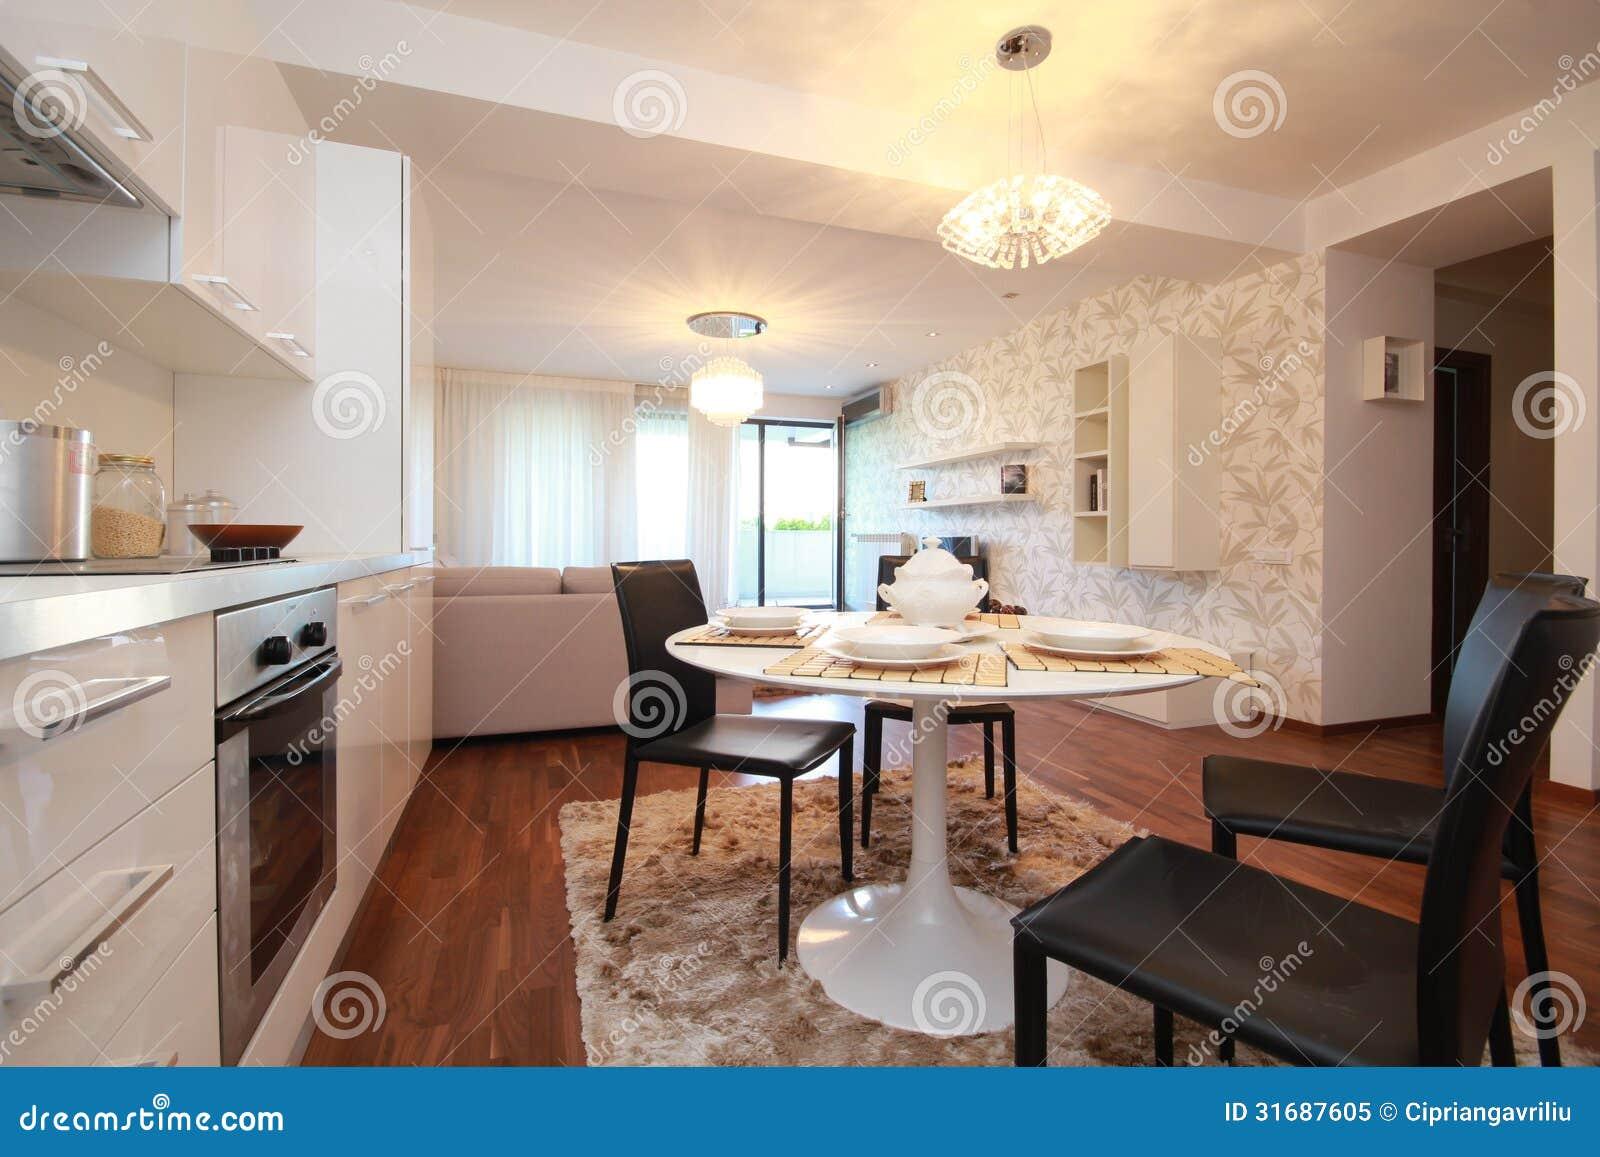 Cozinha Moderna E Cl Ssica Imagem De Stock Imagem De Quarto 31687605